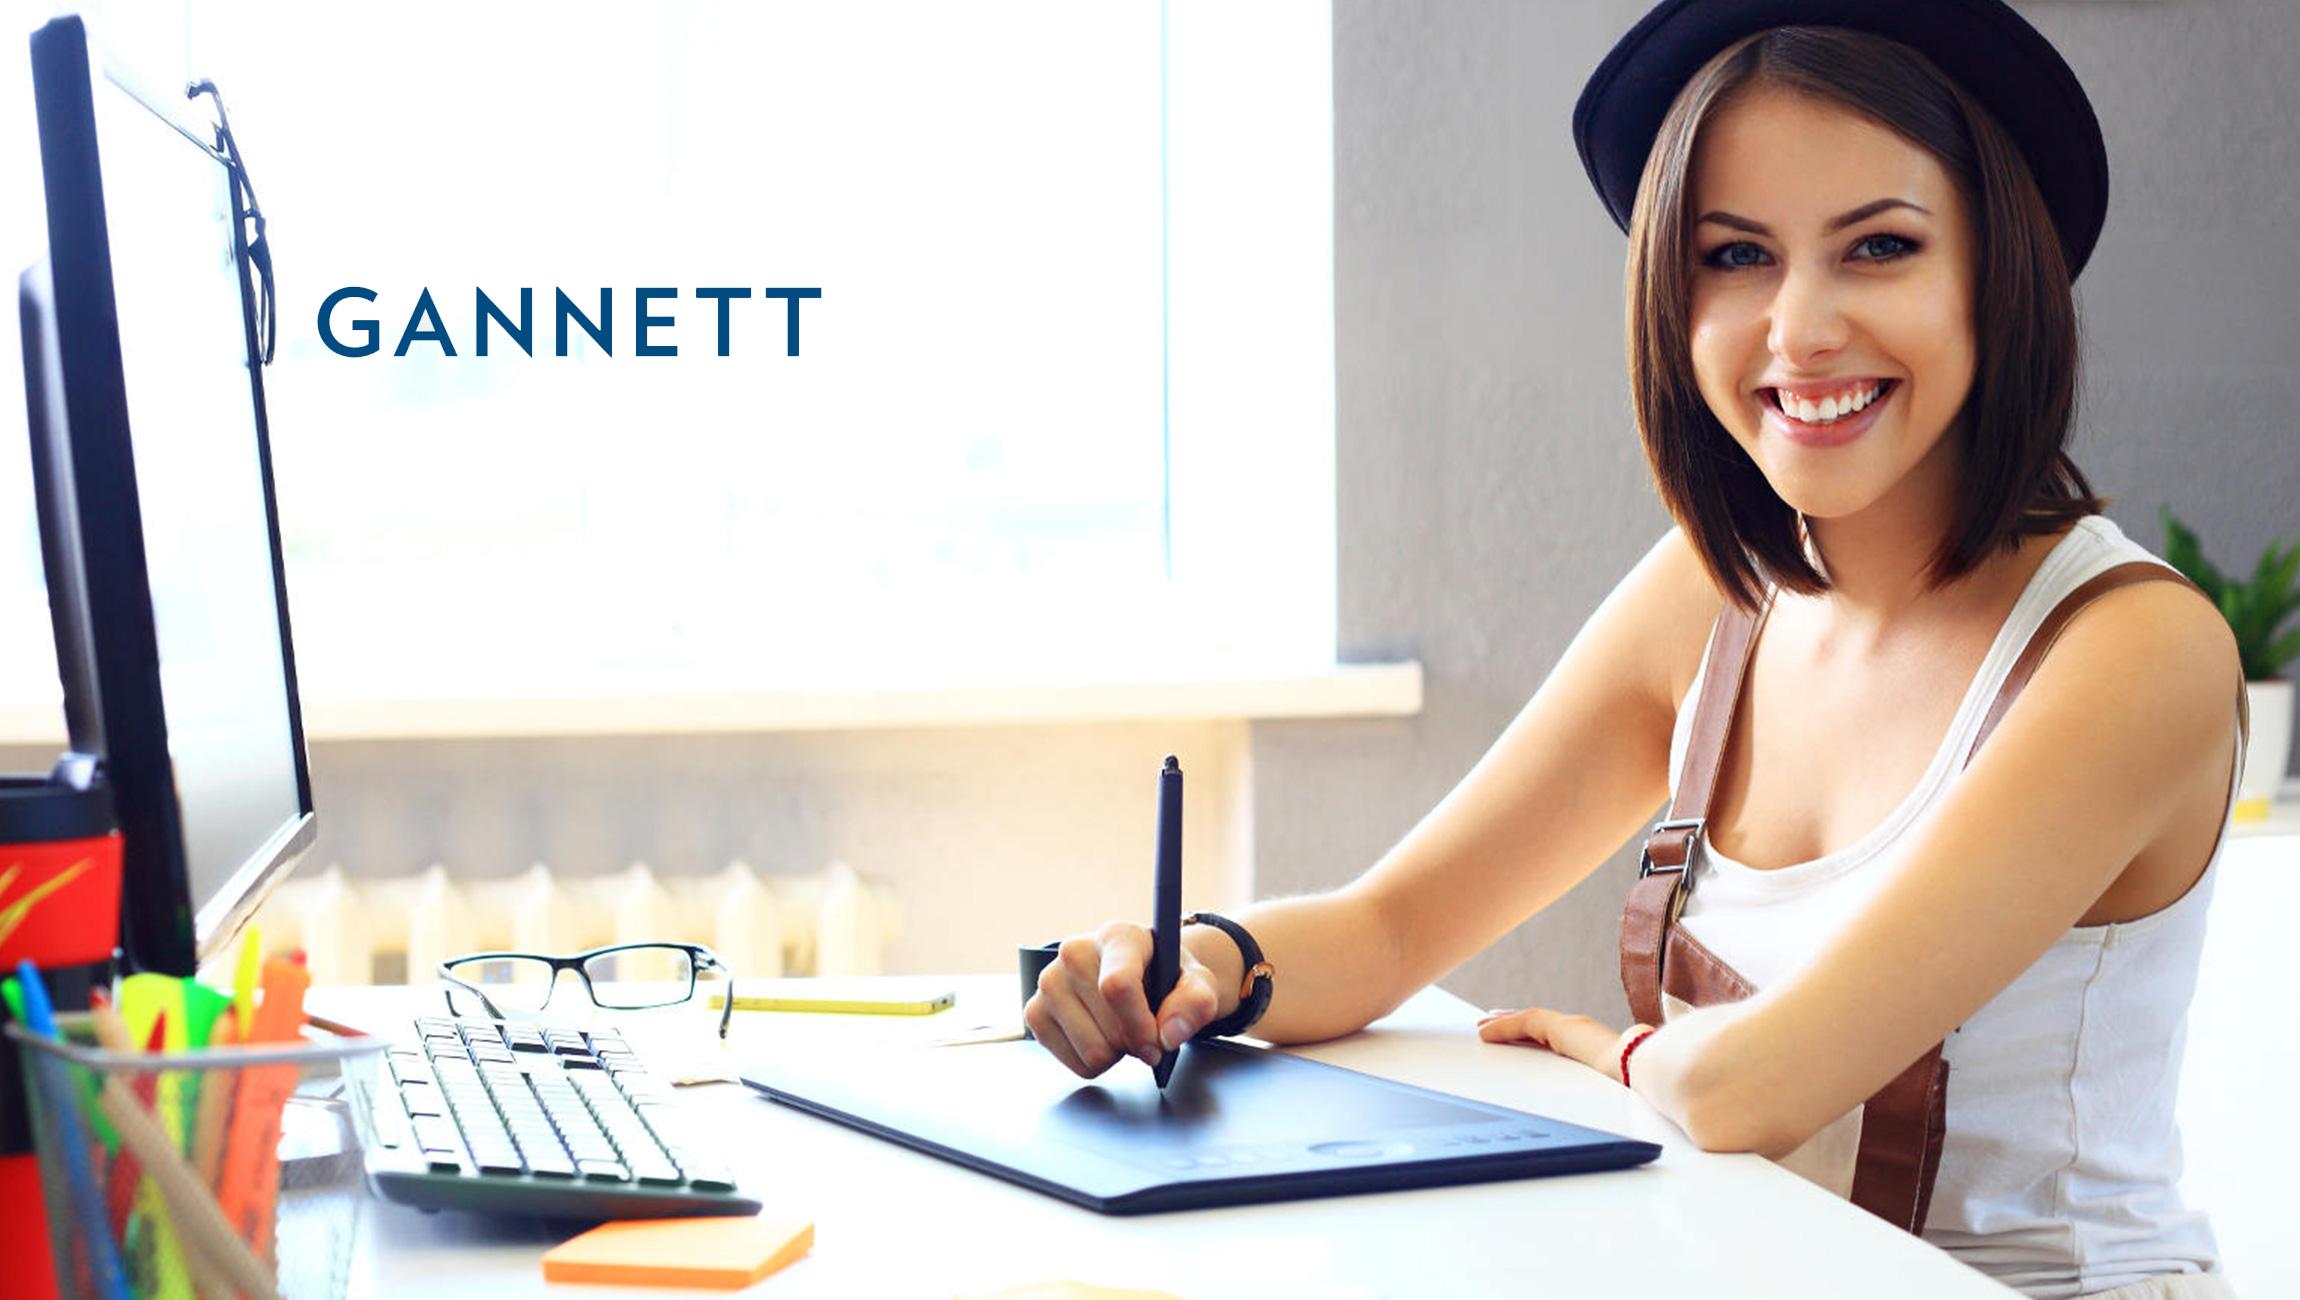 Gannett Announces Executive Promotions